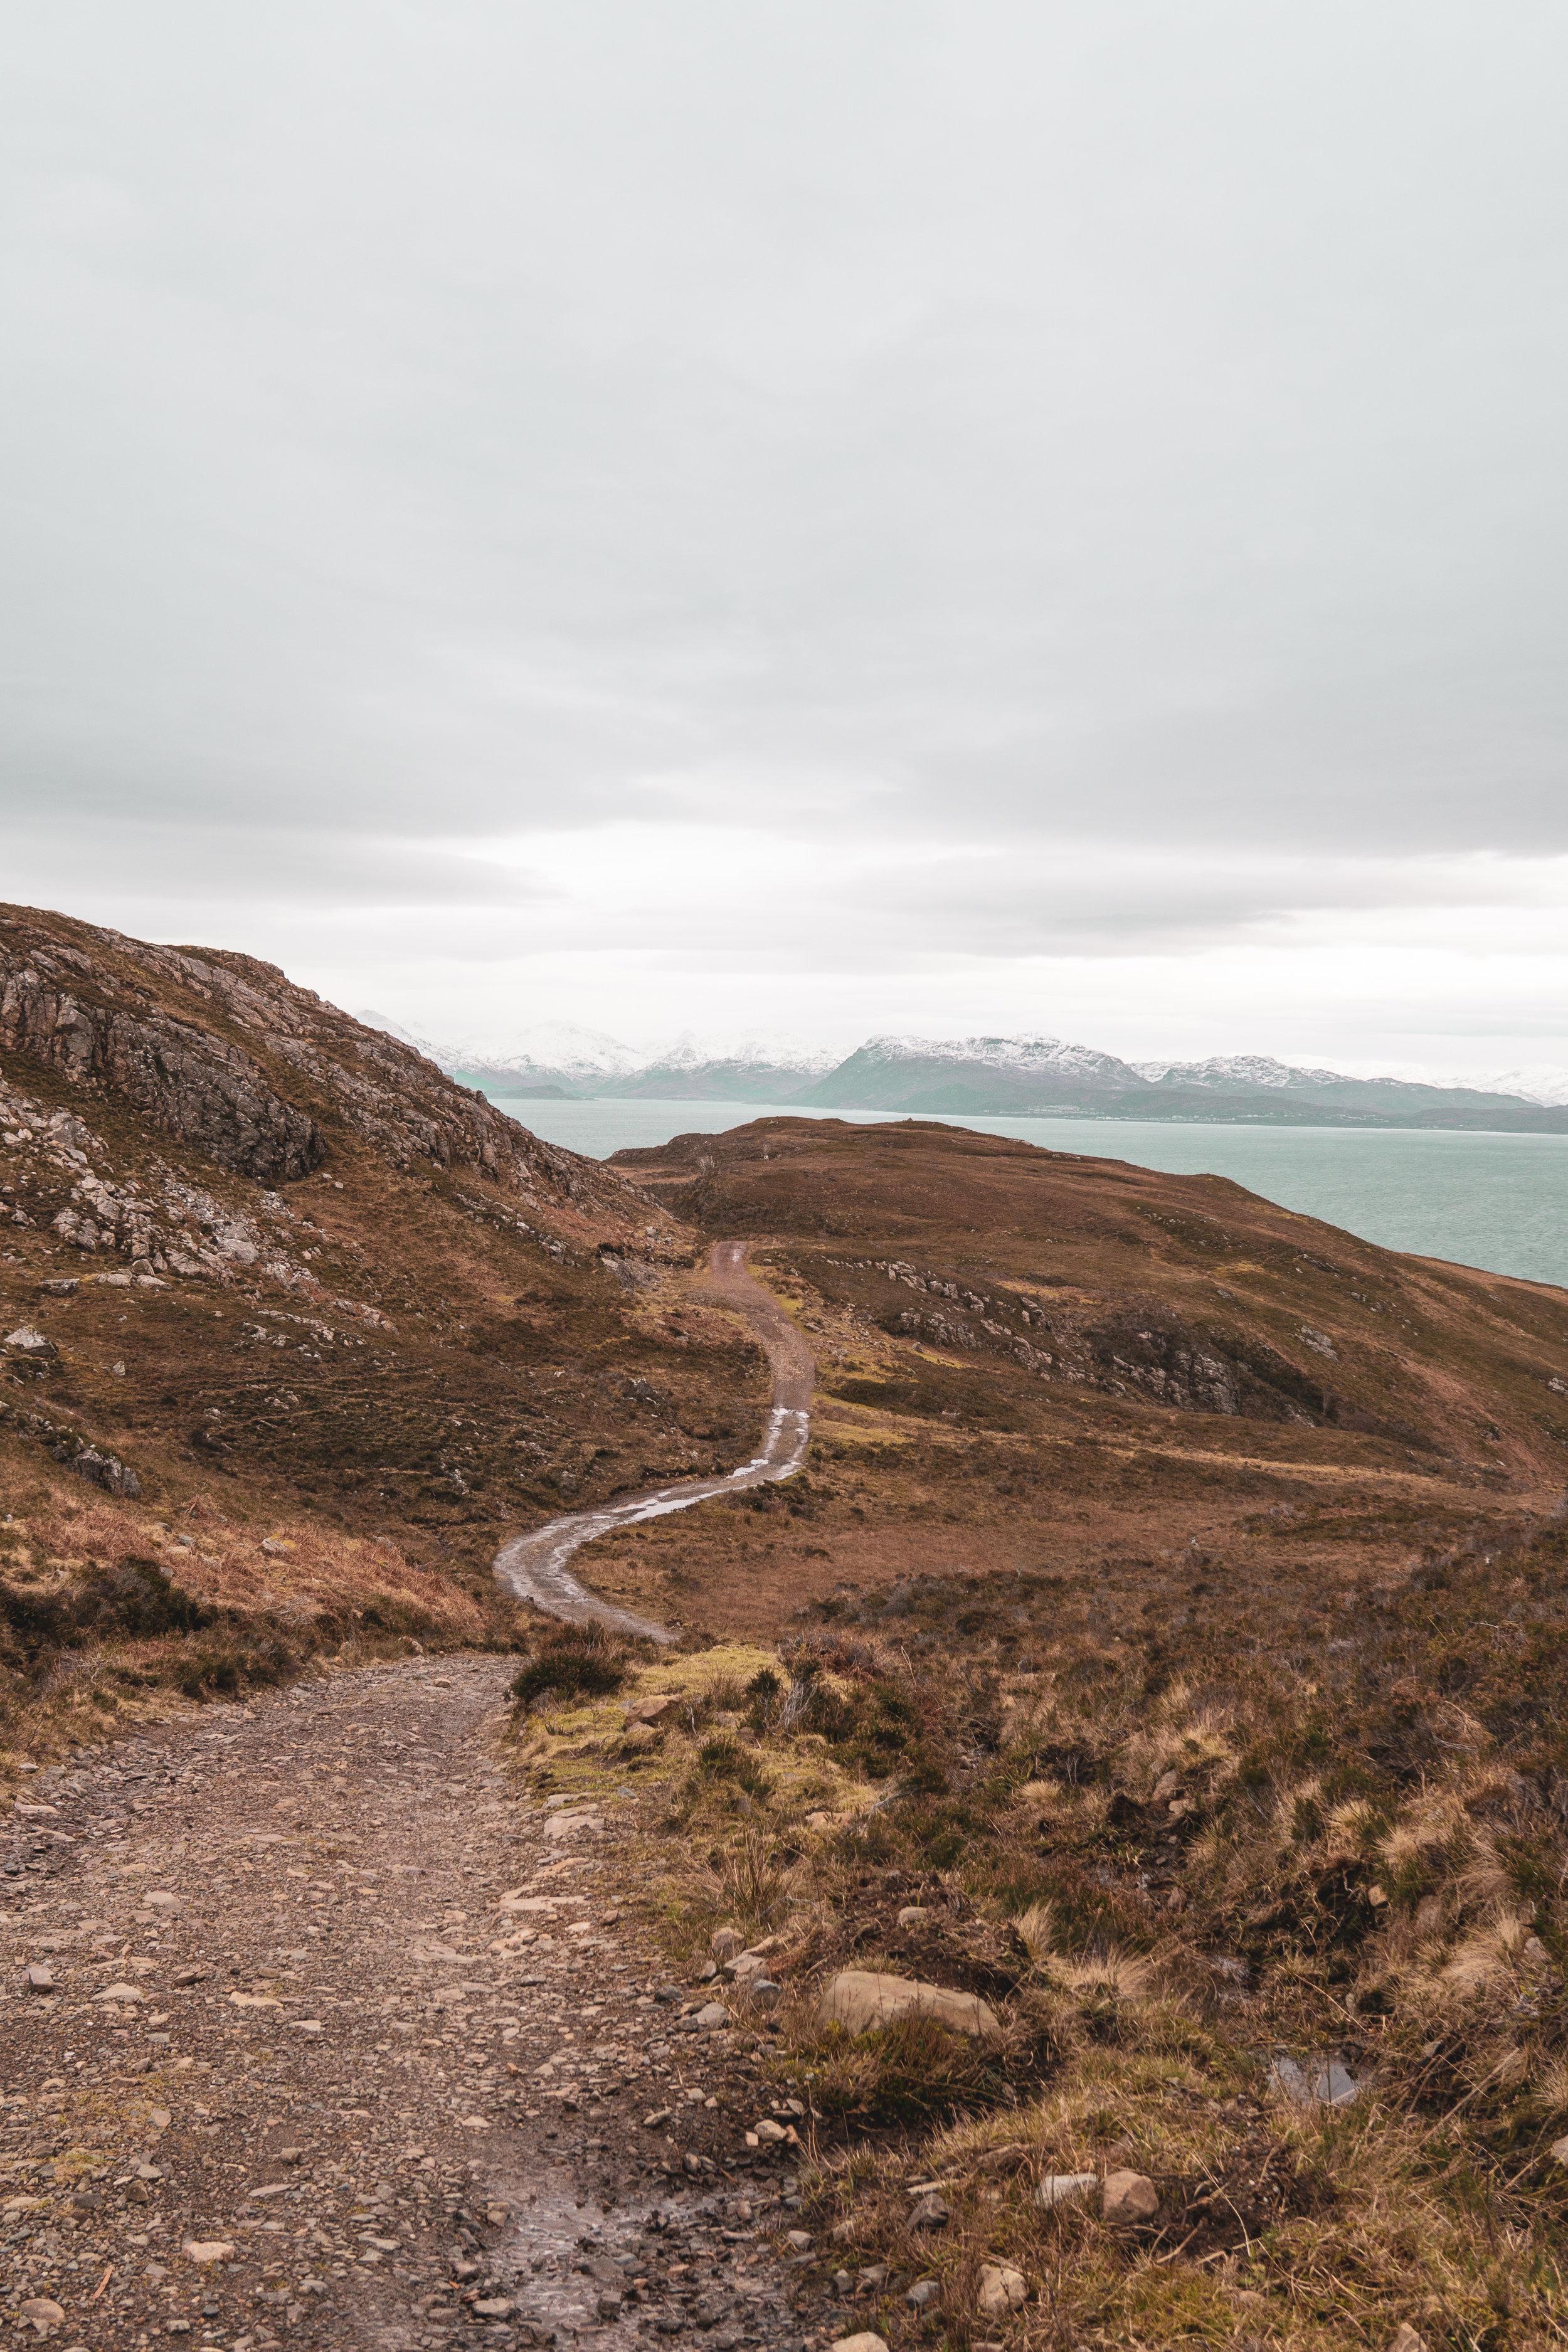 Isle-of-Skye-Point-of-Sleat (11).jpg